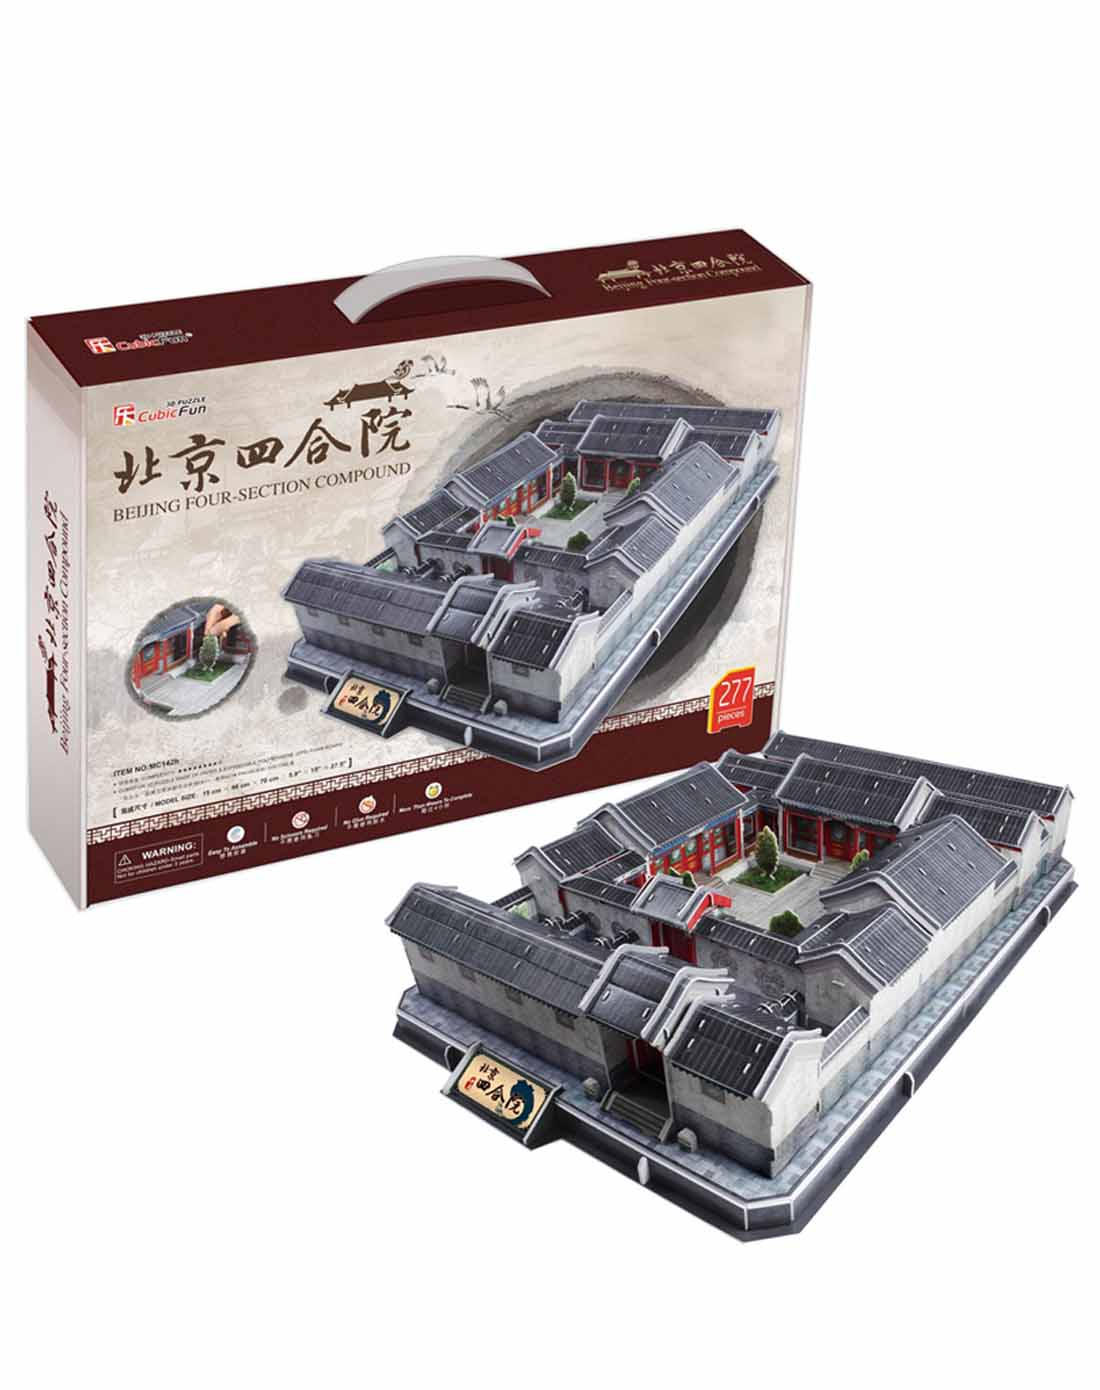 乐立方cubicfun拼图玩具专场北京四合院高难度系列